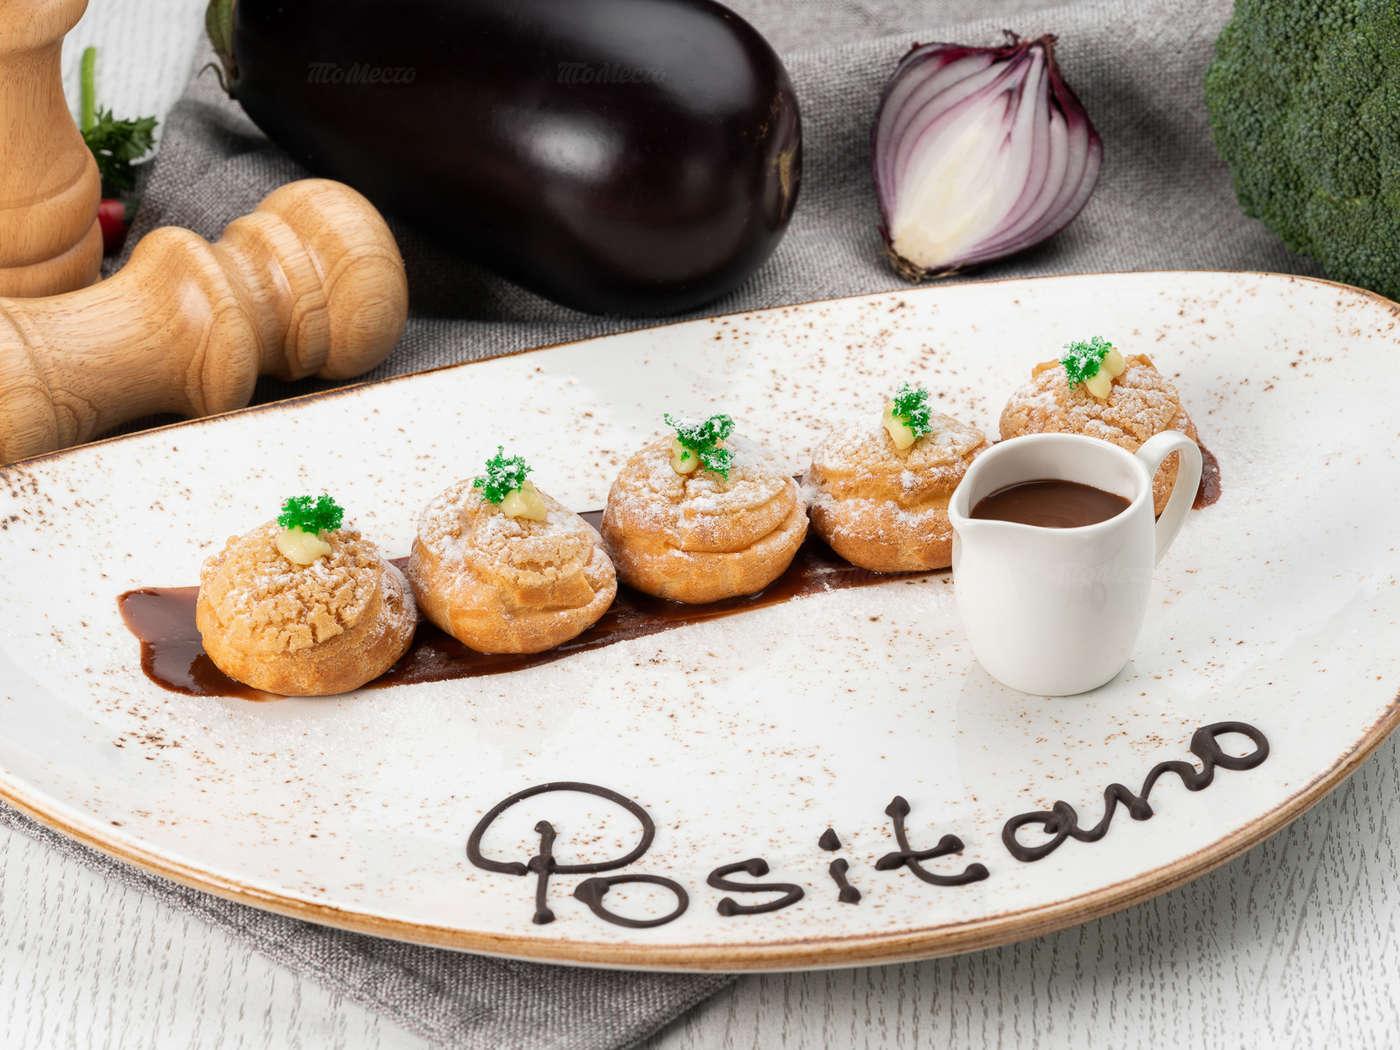 Меню кафе Позитано (Positano) на Ленинградском проспекте фото 12